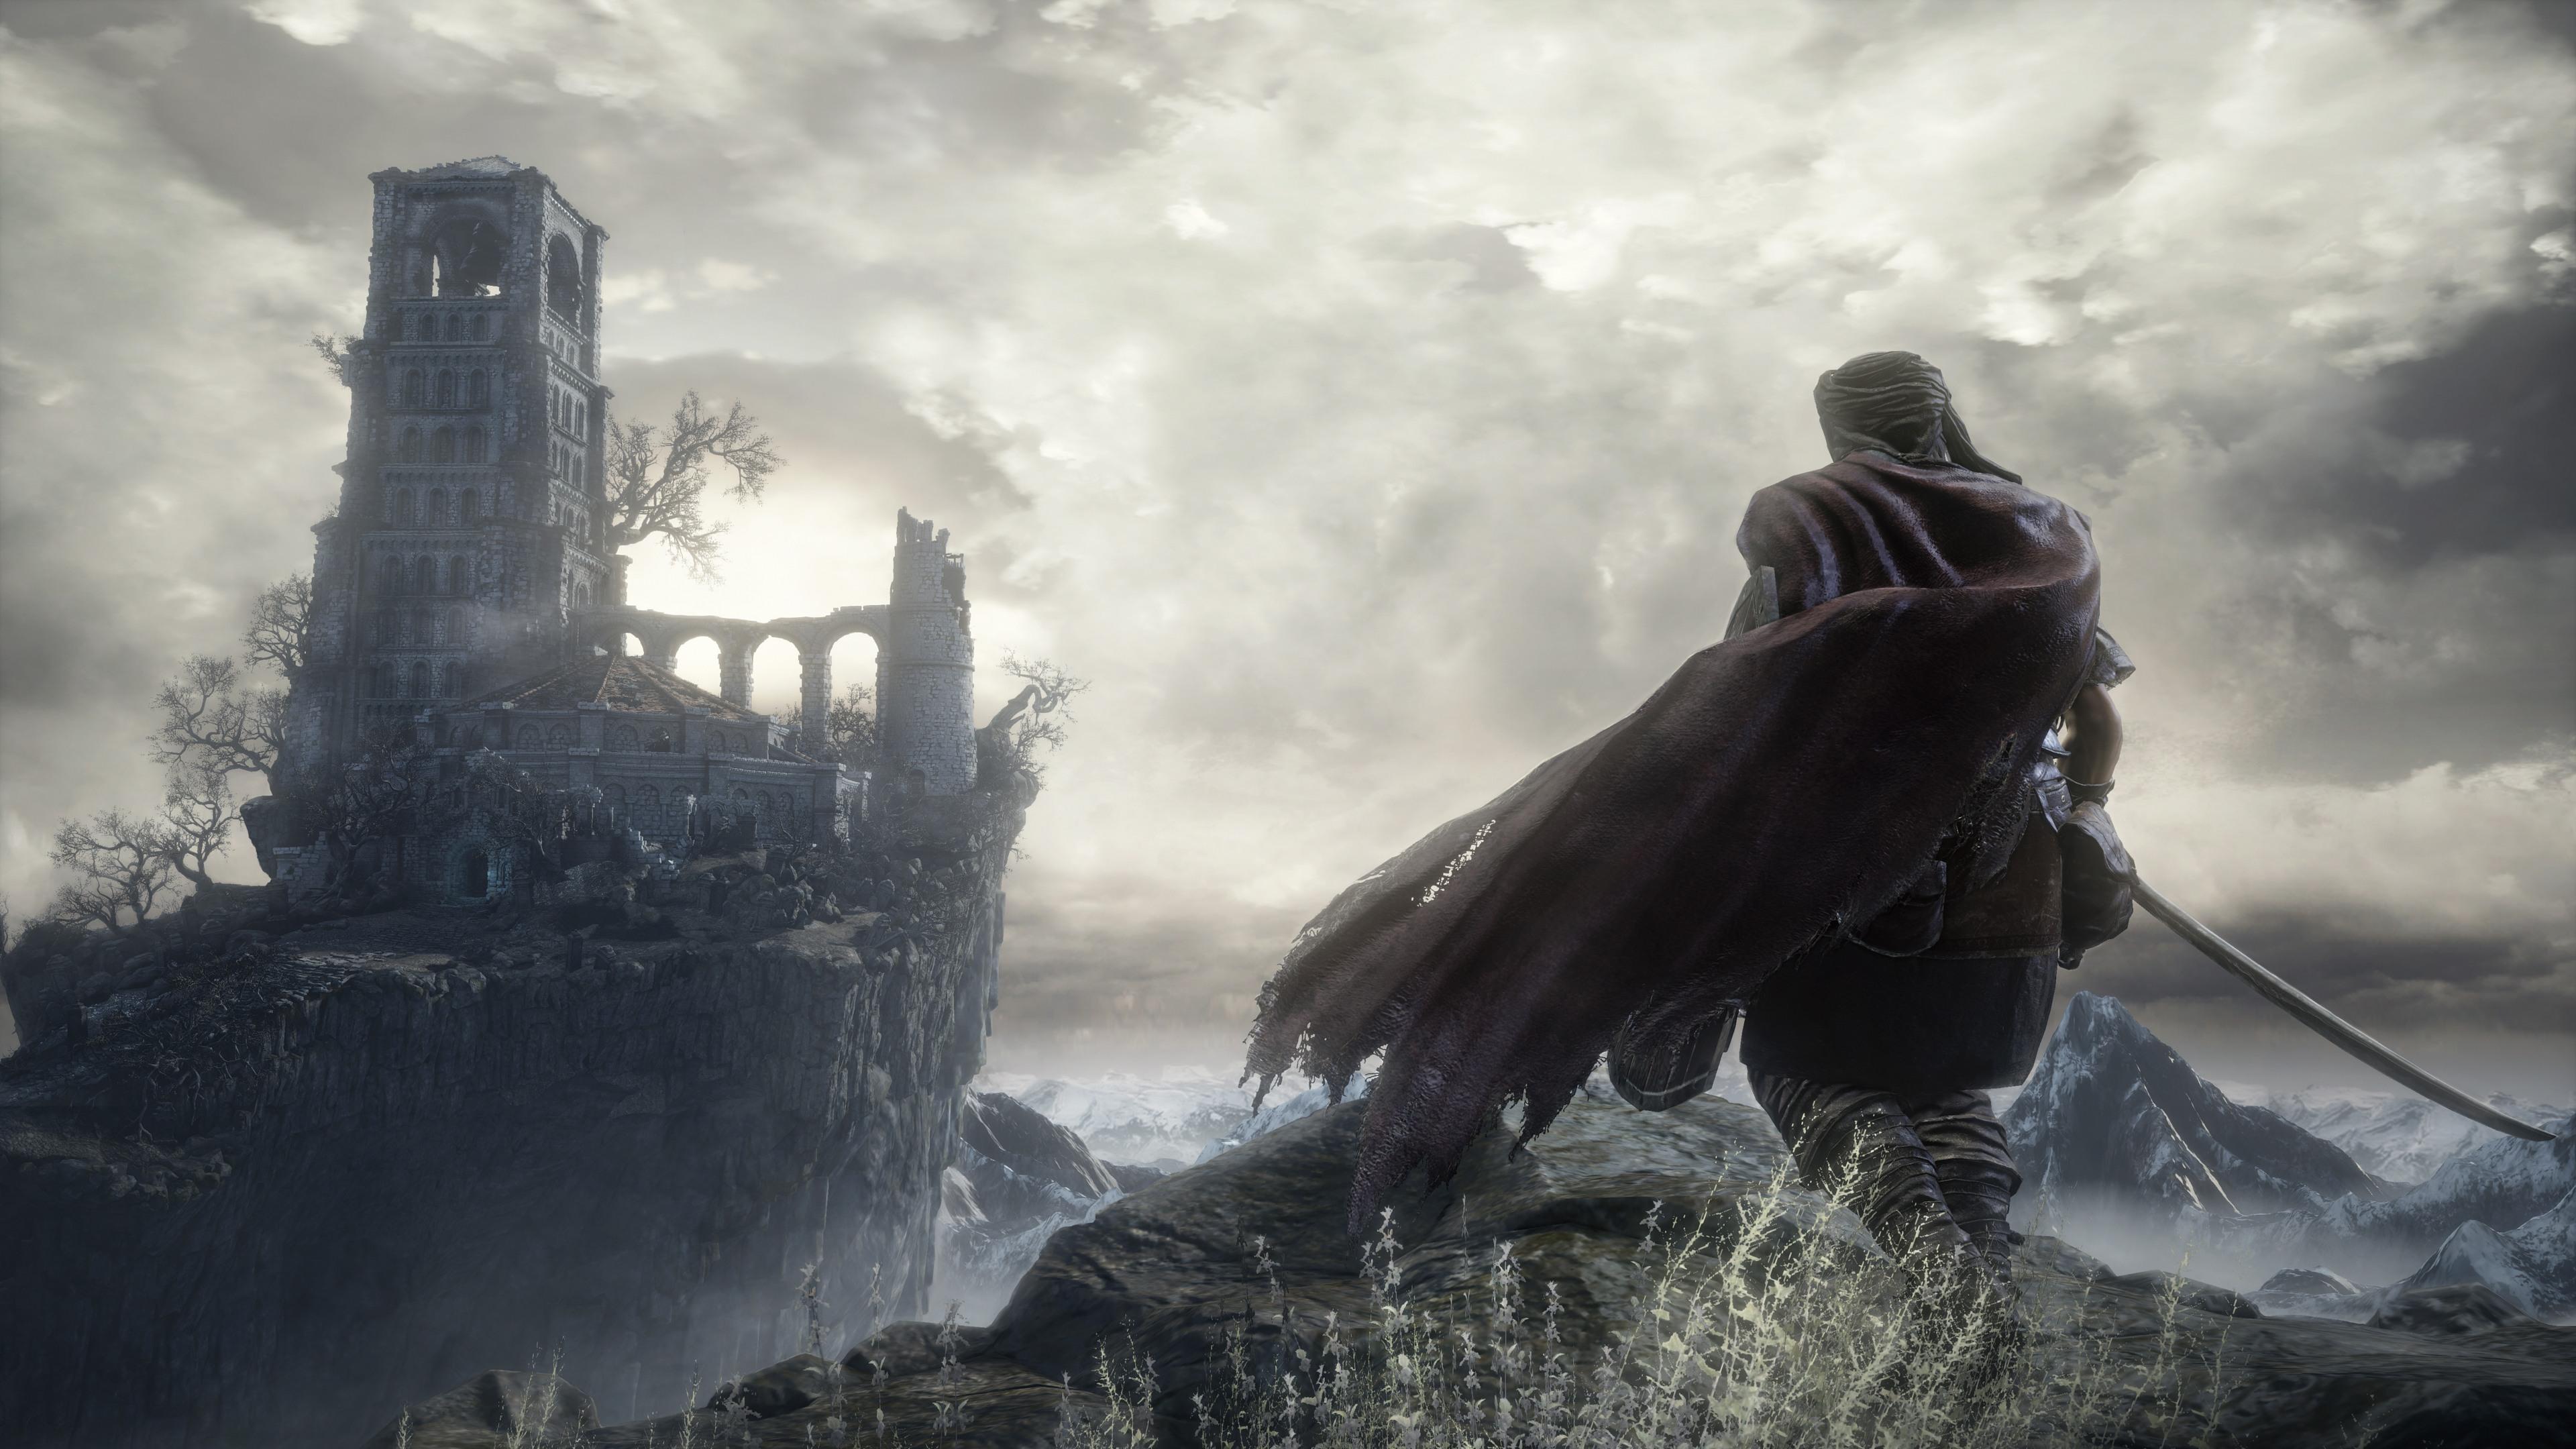 Dark Souls III Images 3840x2160